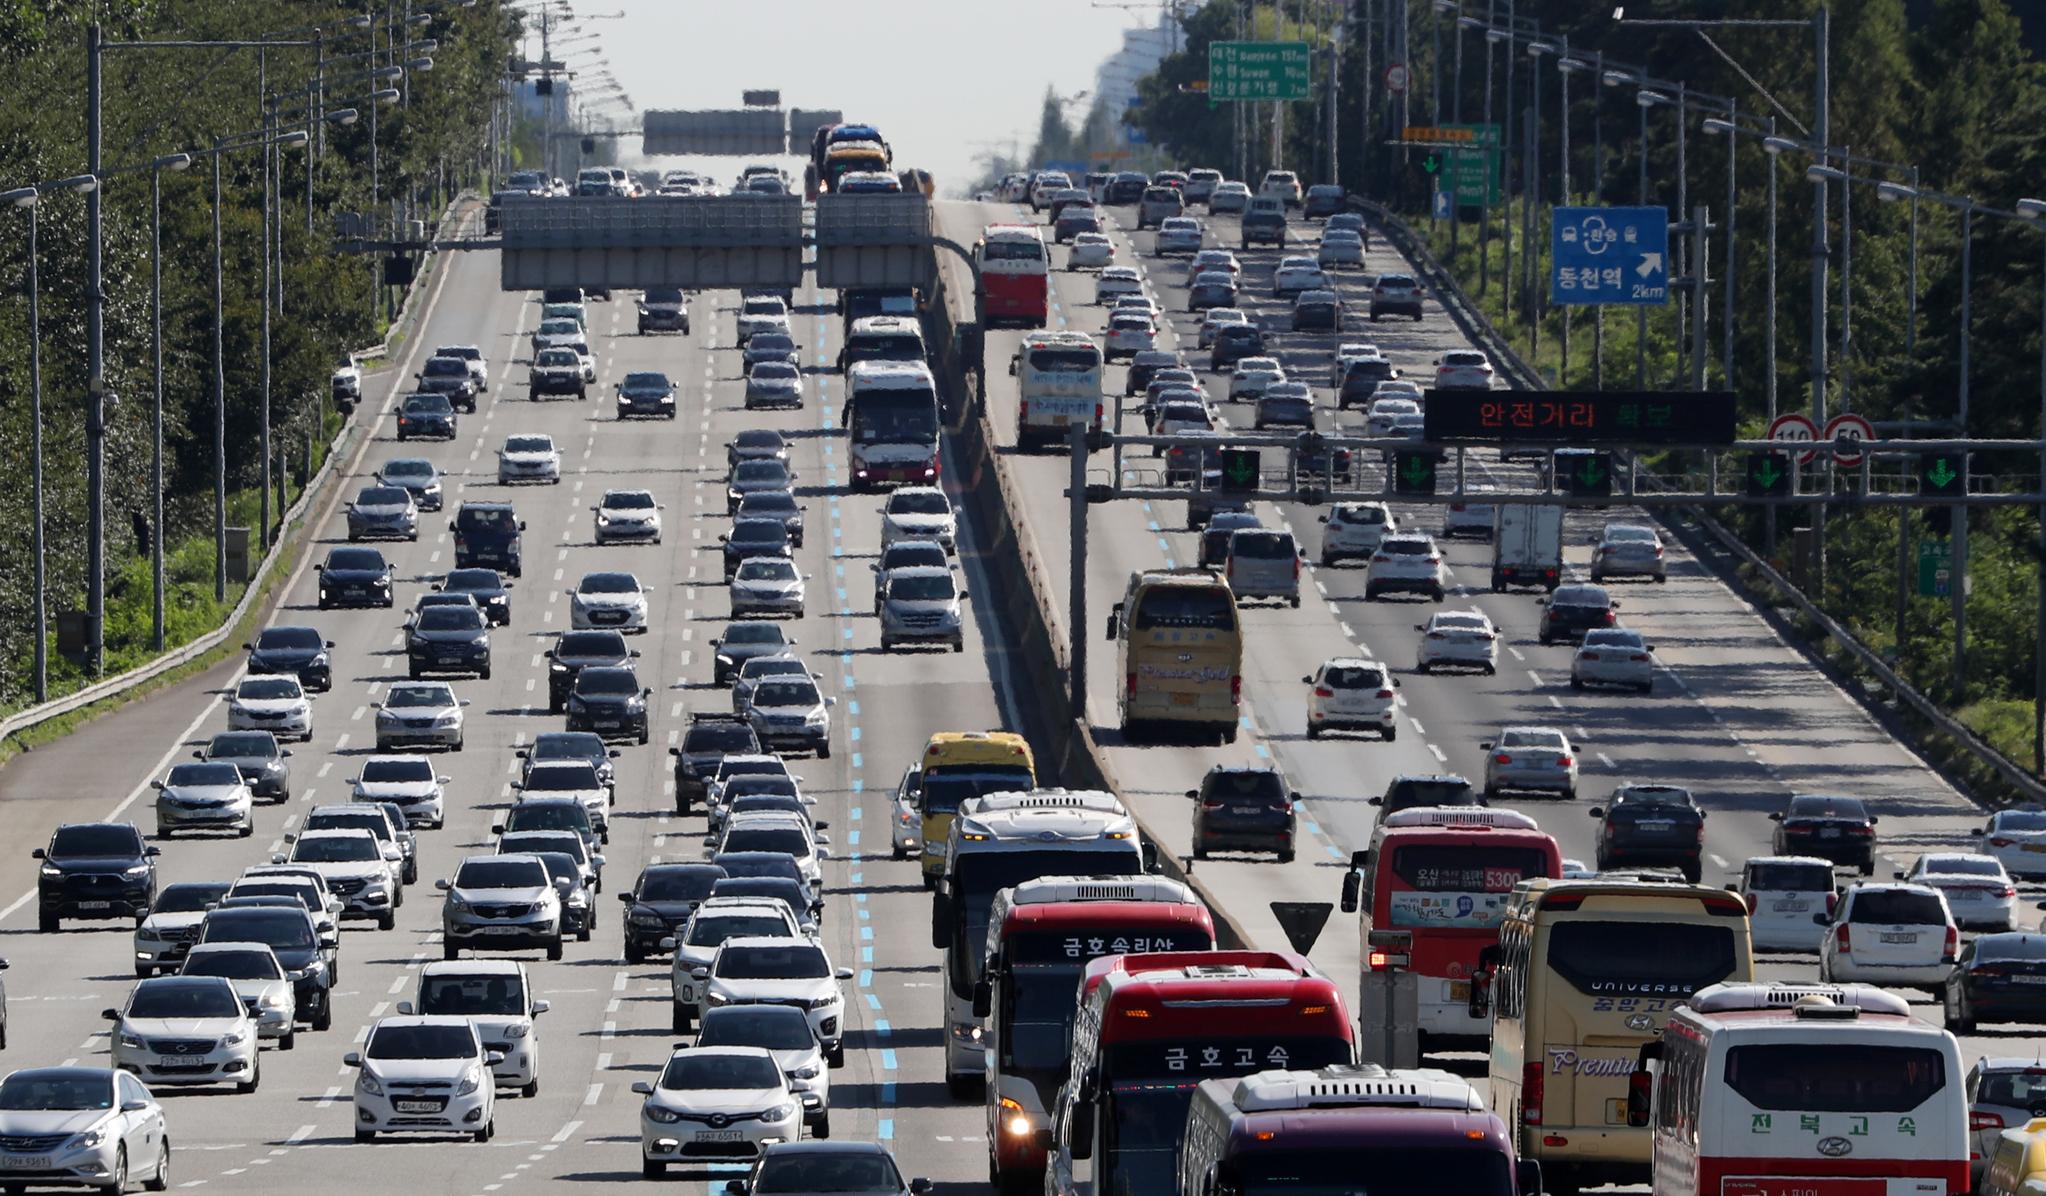 추석 연휴인 25일 오후 경기도 성남시 궁내동 경부고속도로 서울요금소 인근 서울방향(왼쪽)이 귀경차량이 몰리며 정체되고 있다. 고속도로에 귀경 차량들이 모여들면서 정체구간이 늘고 있다. 한국도로공사는 이날 오후 4~5시쯤 귀경정체가 절정에 달하고 다음날 새벽에 풀릴 것으로 예상했다. [뉴스1]